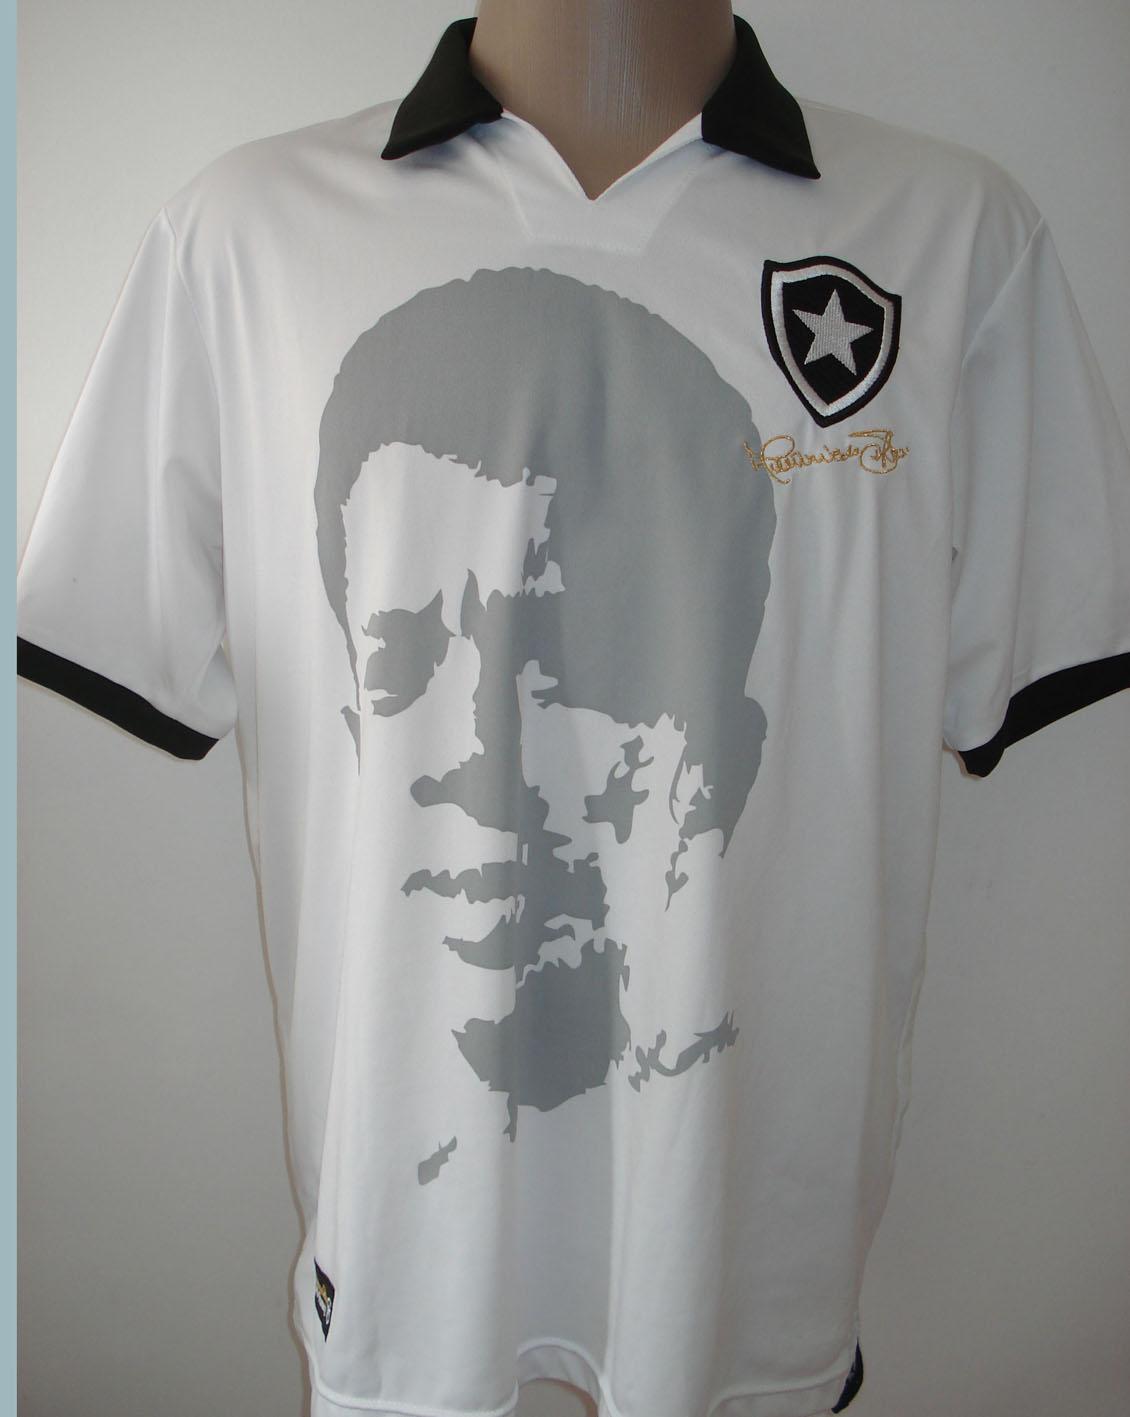 Camisas do Botafogo  Camisas do Botafogo - 42 - Homenagem ao ... 801d67315bfa3